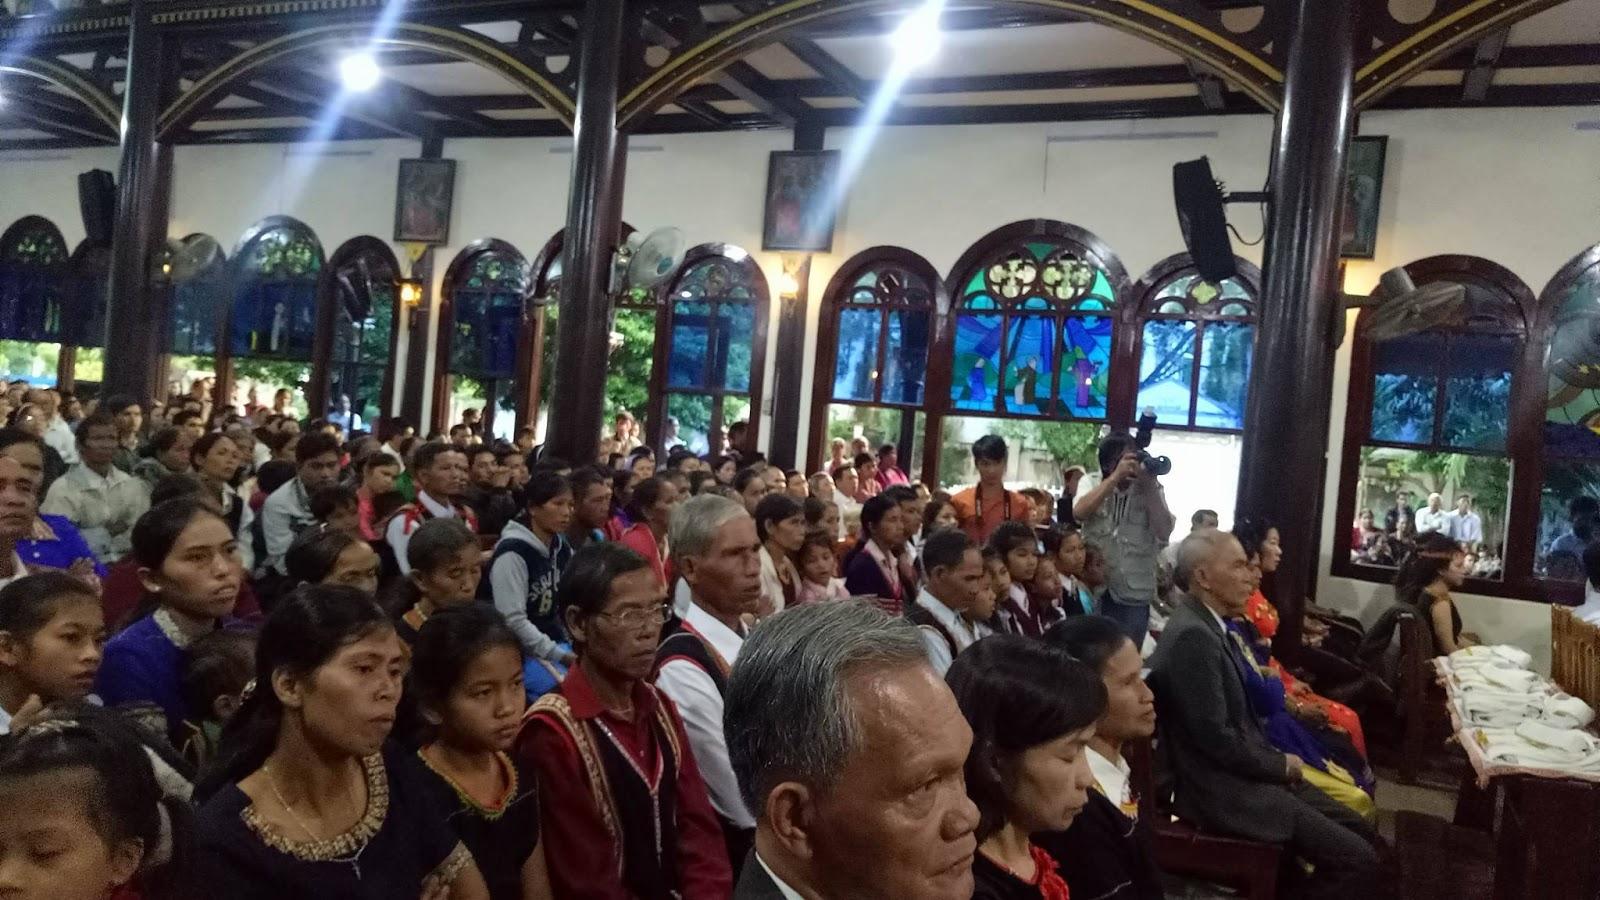 Thánh Lễ Truyền Chức Linh Mục Giáo Phận Kontum 2017 - Ảnh minh hoạ 21